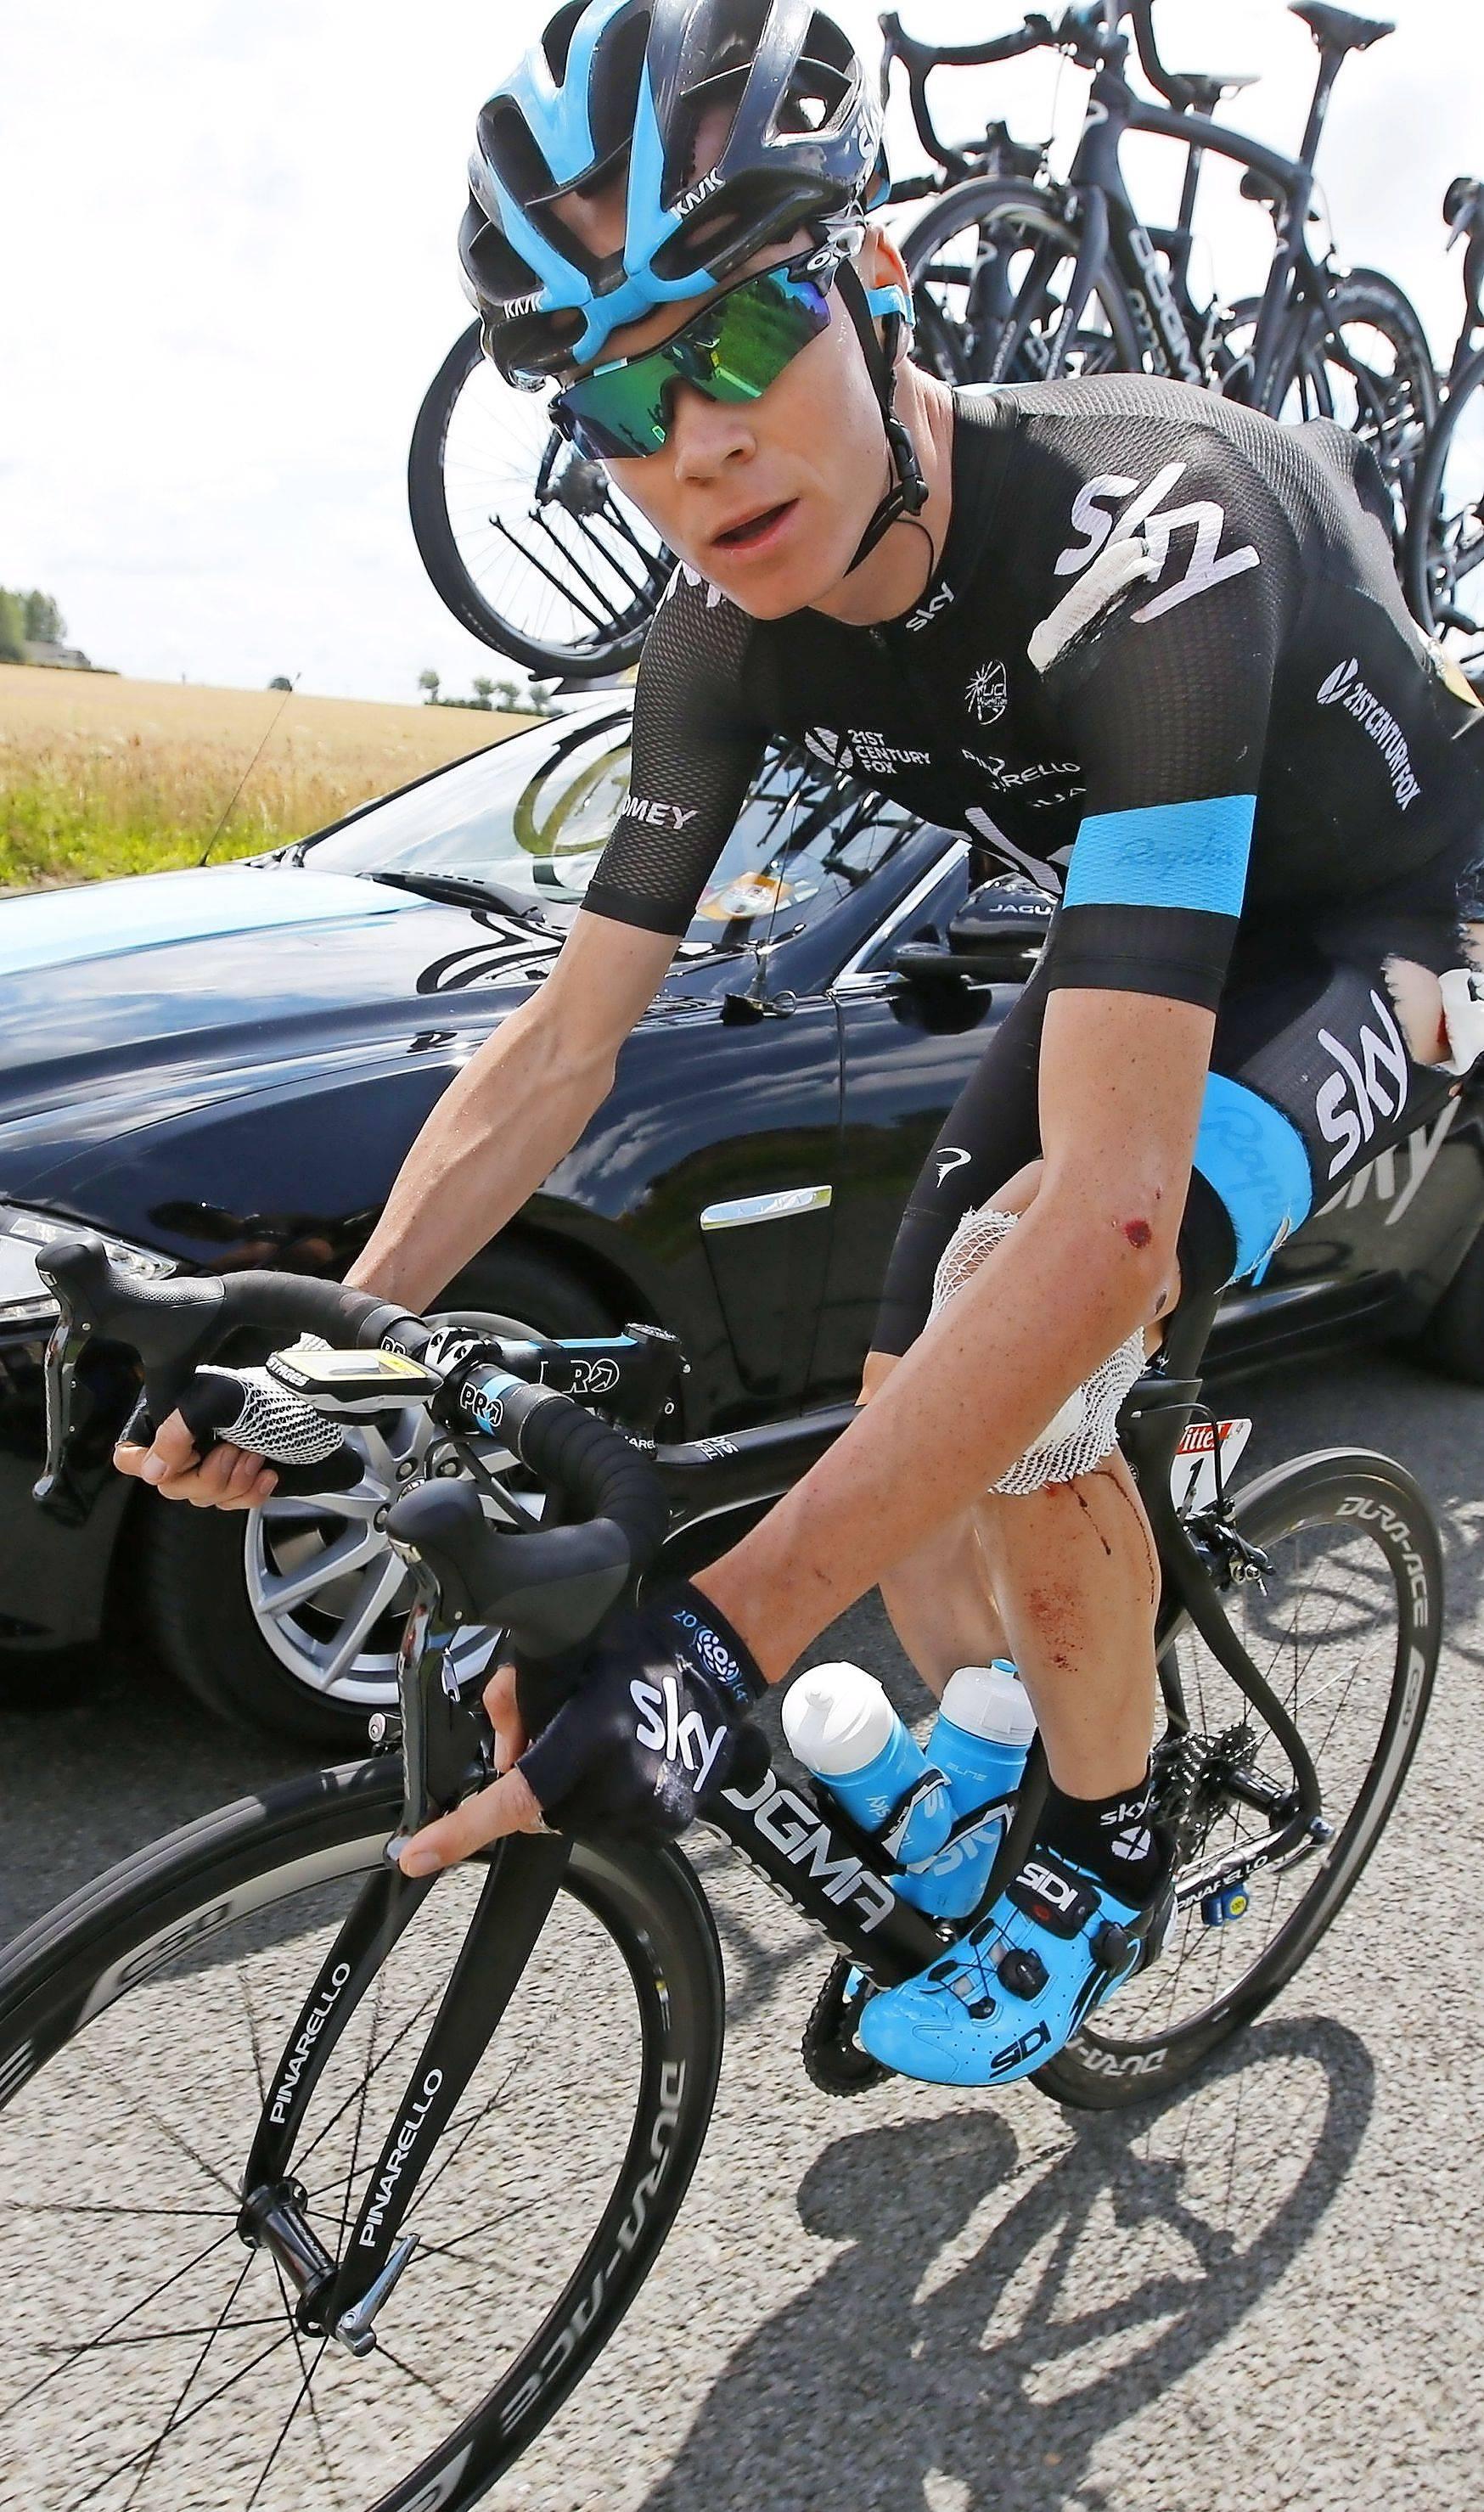 Radsport: Die Tour de France beginnt von neuem